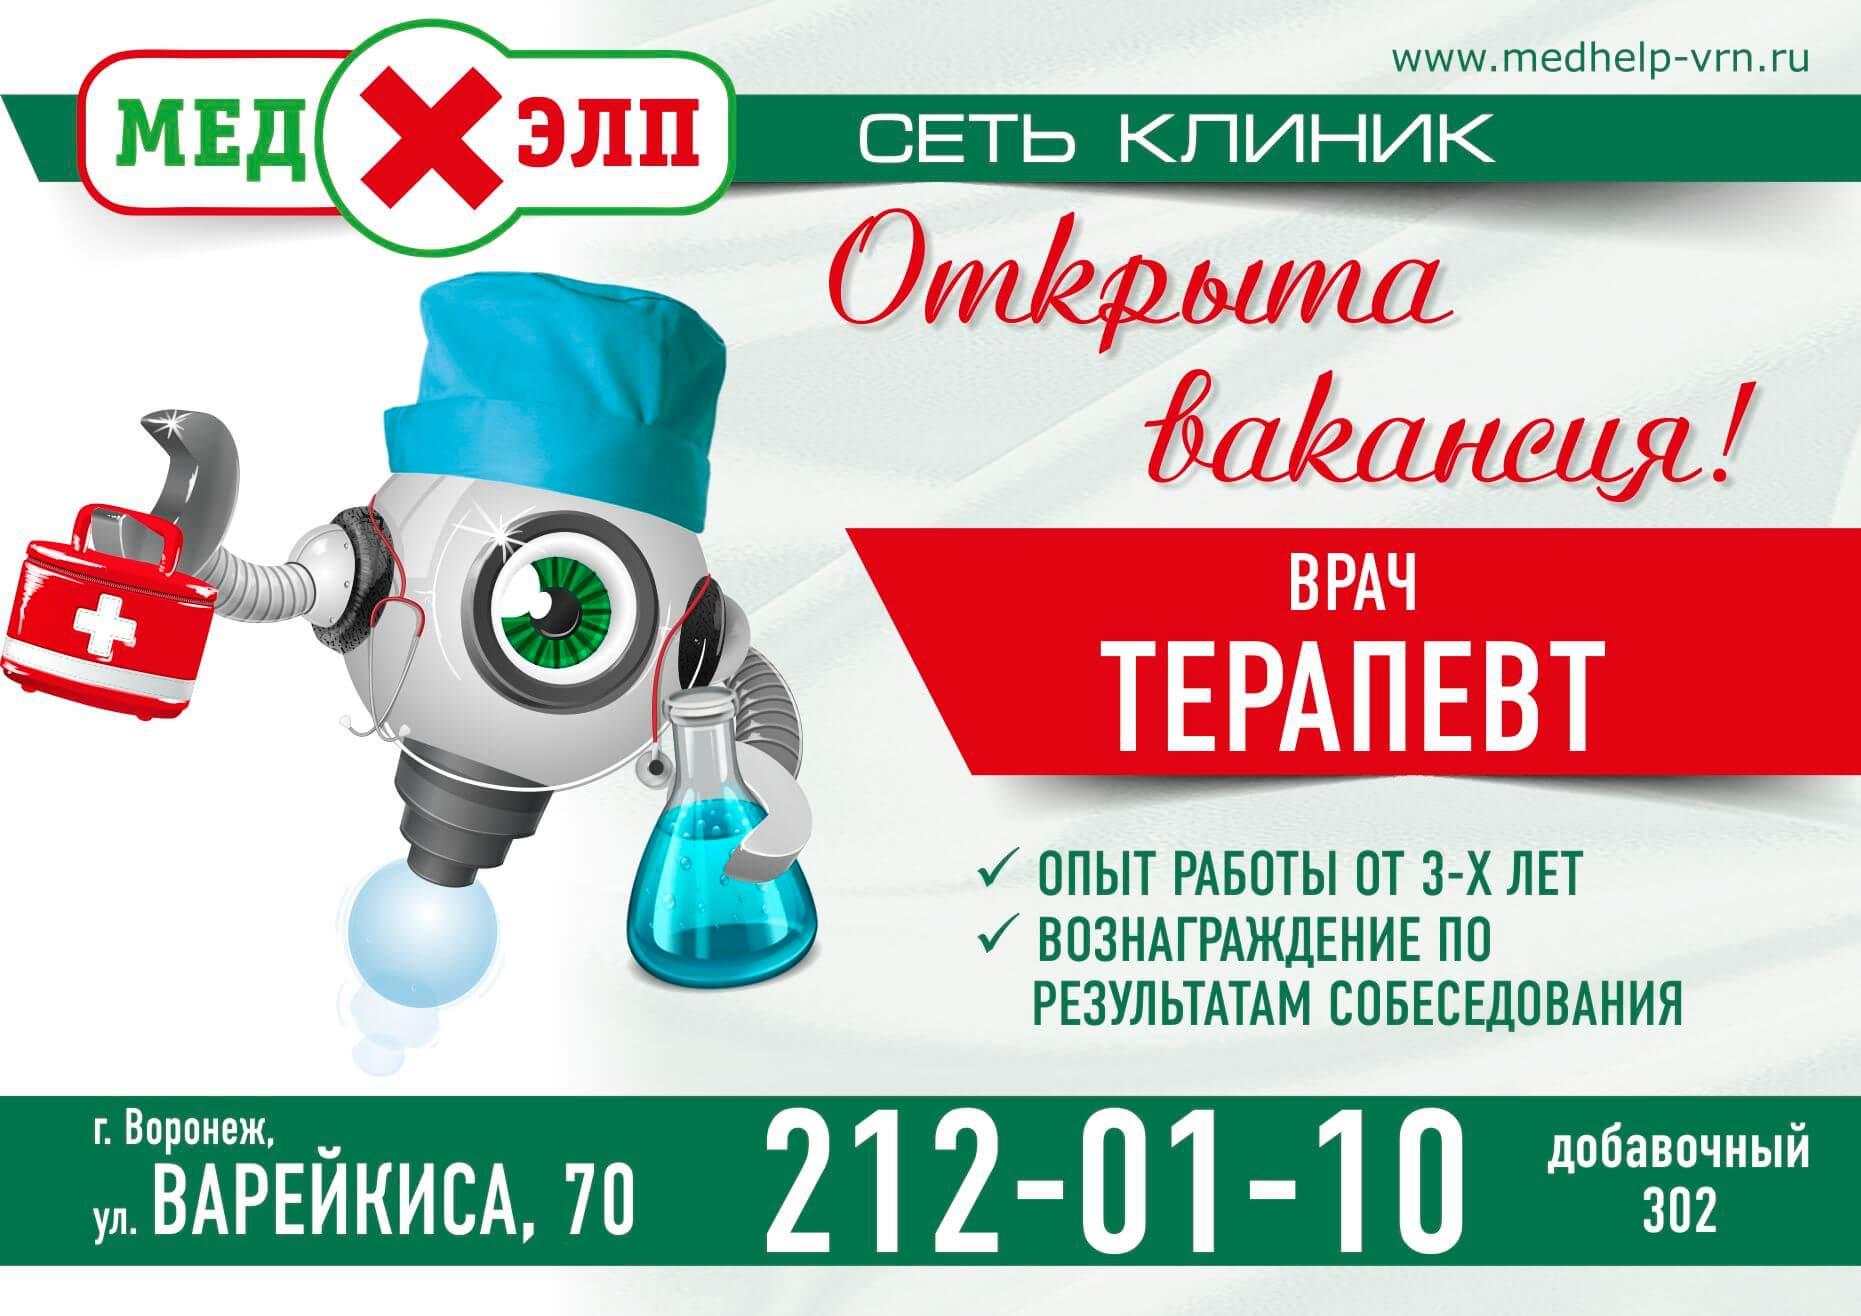 Где купить больничный лист в Москве Левобережный цена